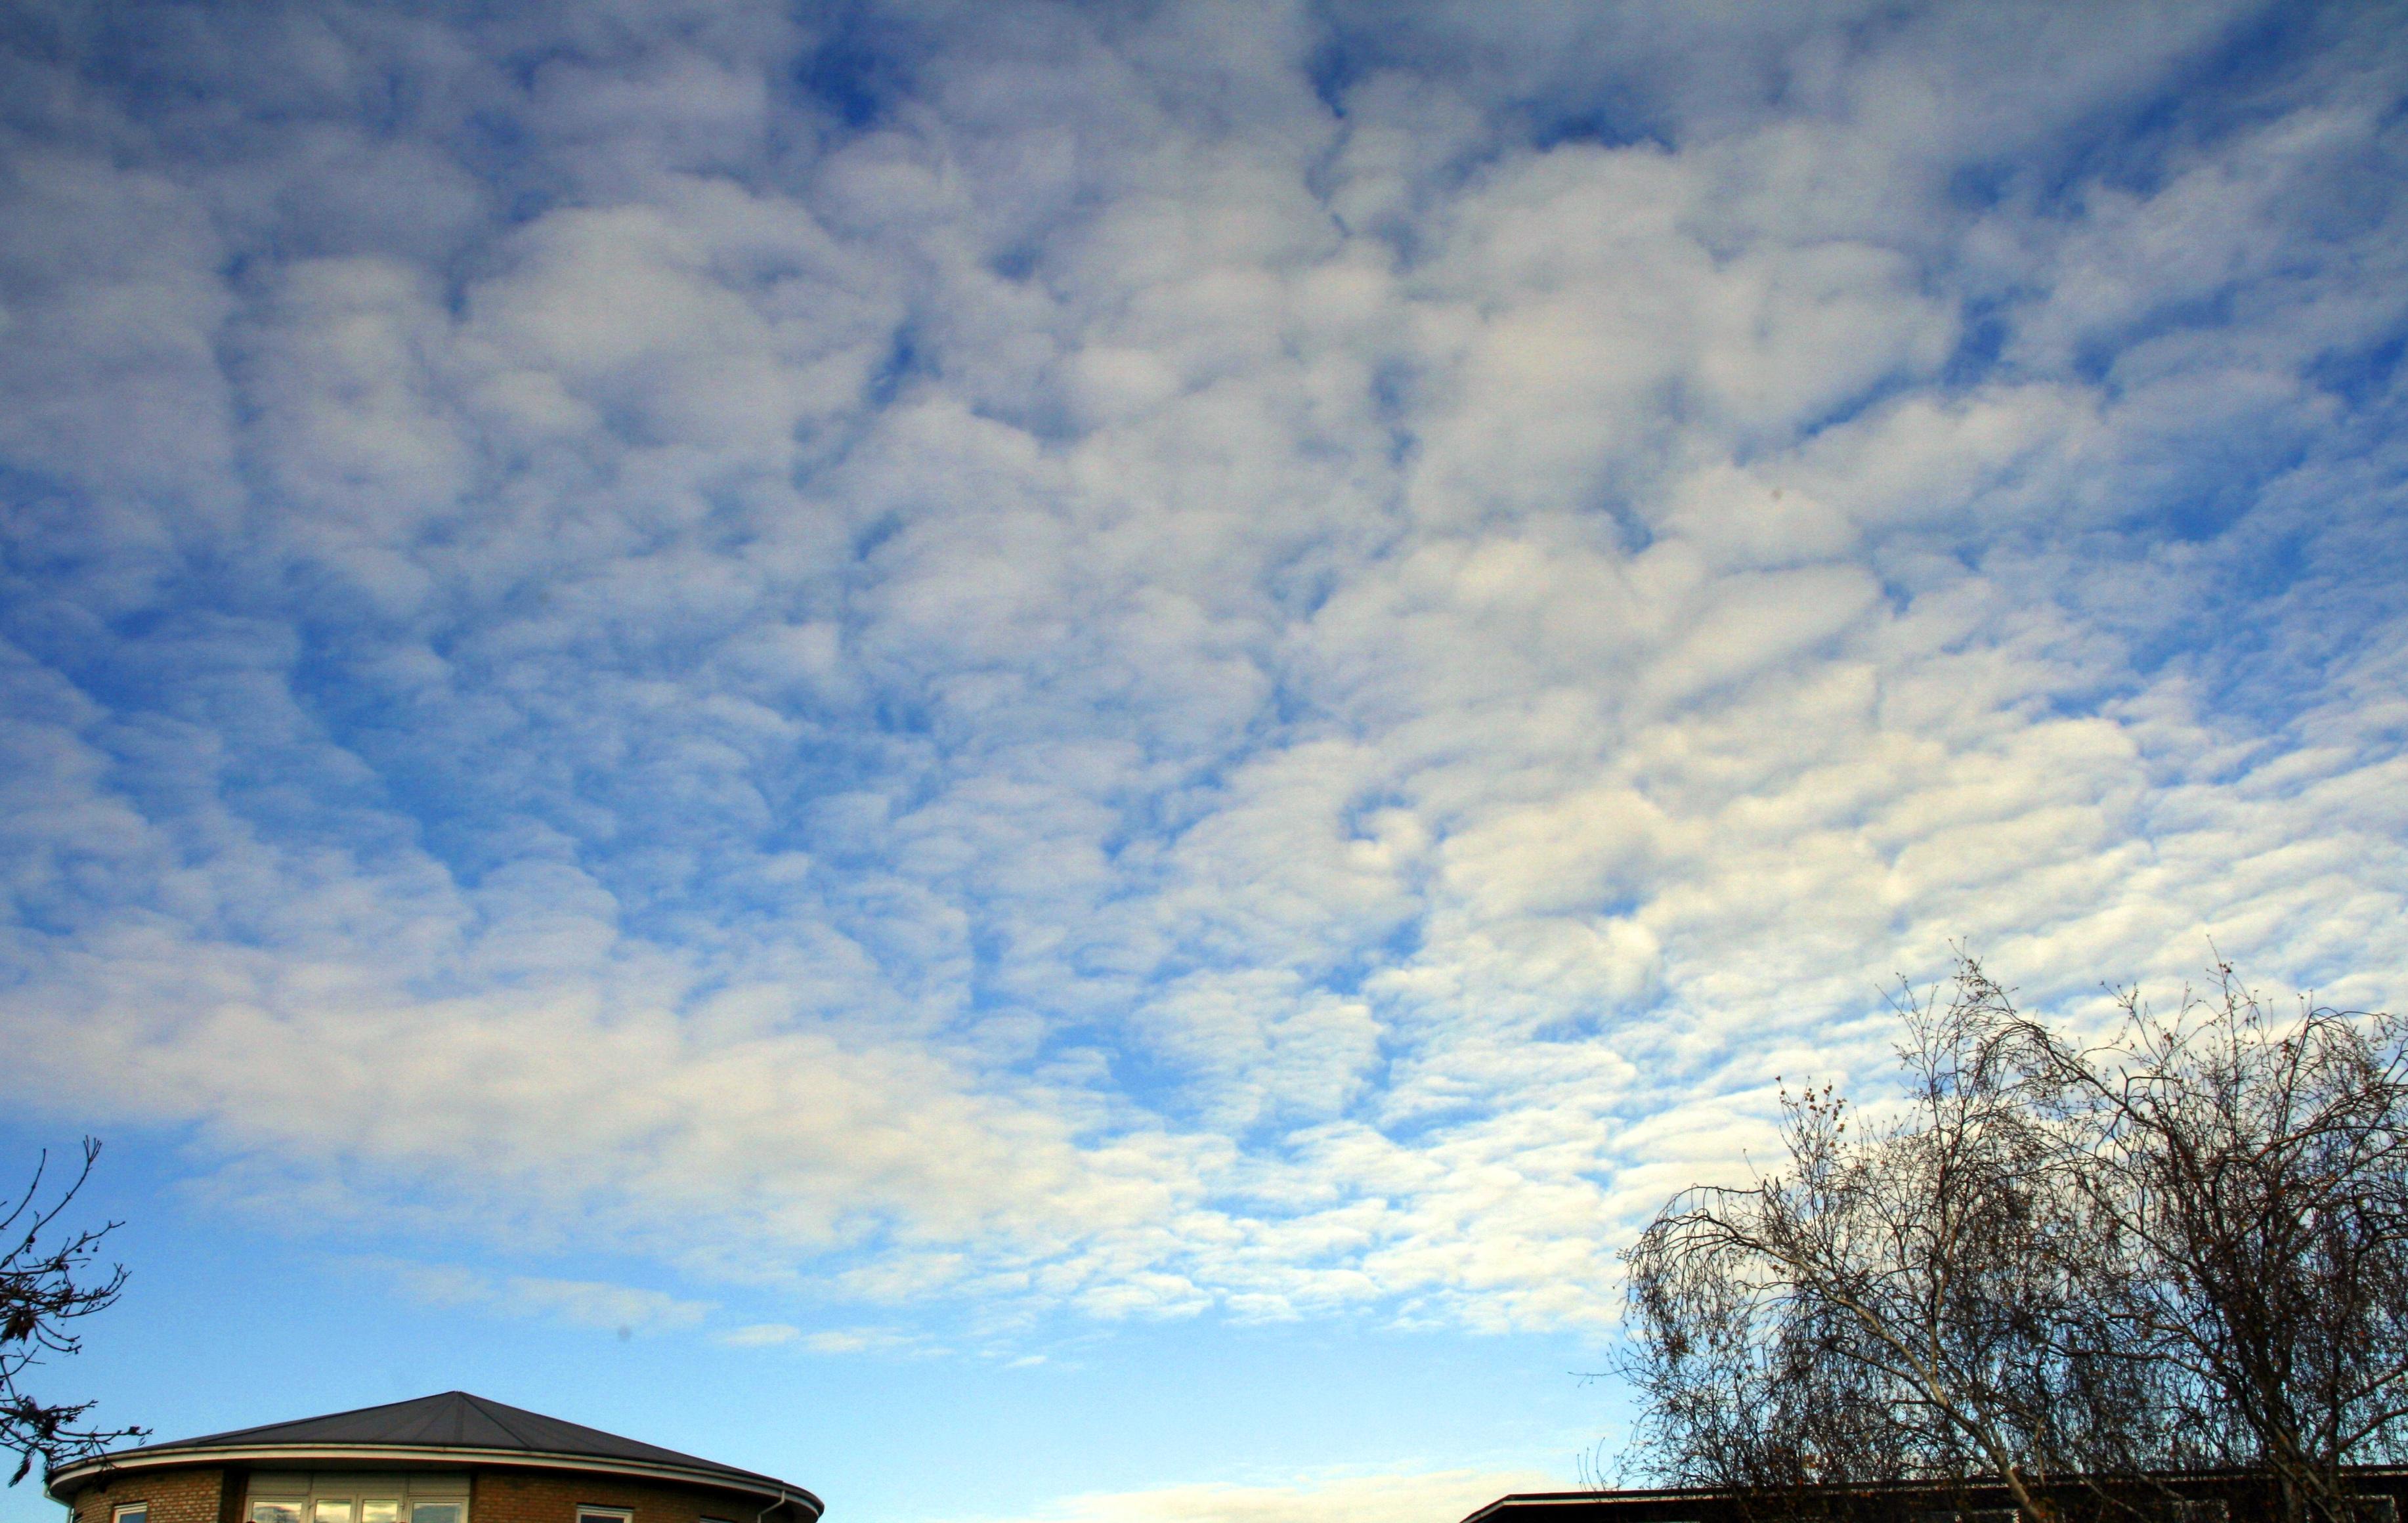 фотографии облачного неба естественные без прикрас без